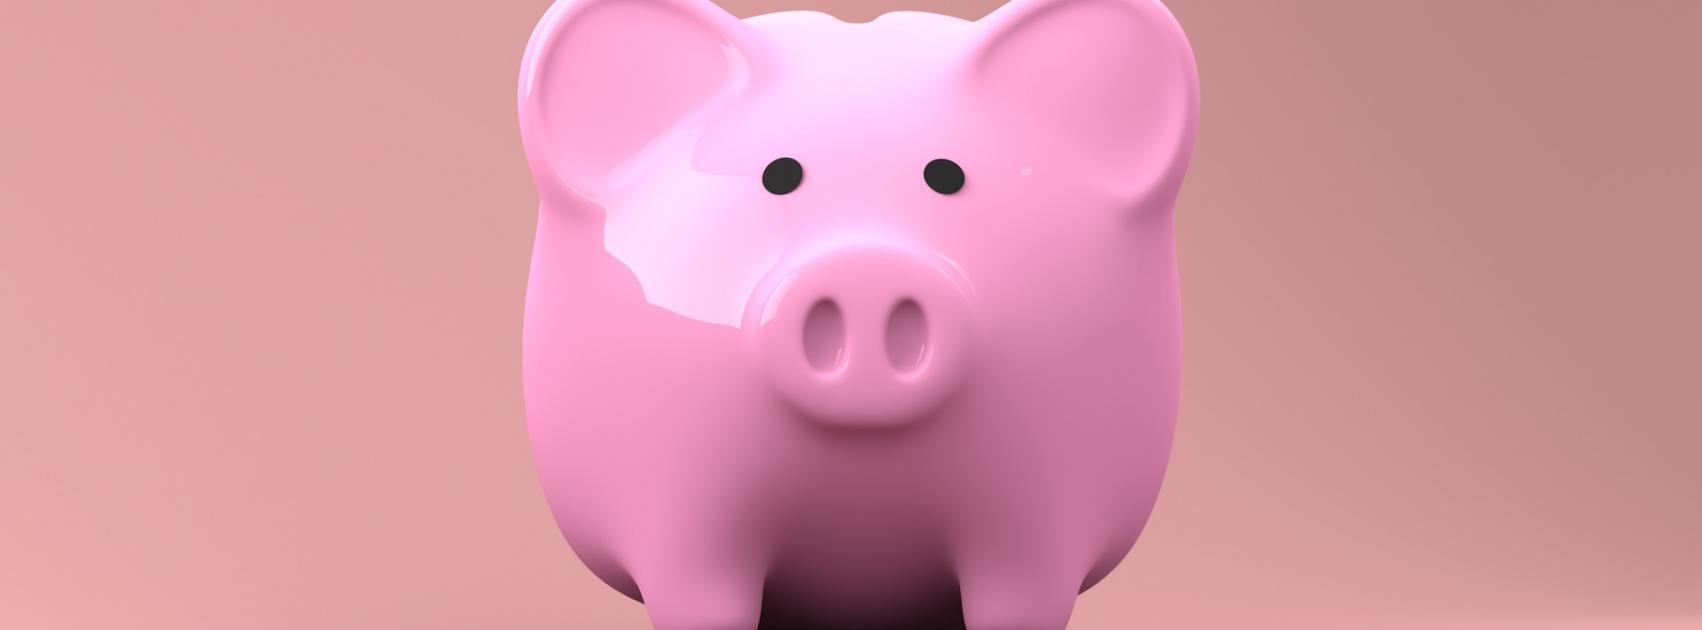 piggy-bank-2889042_1920_1.jpg